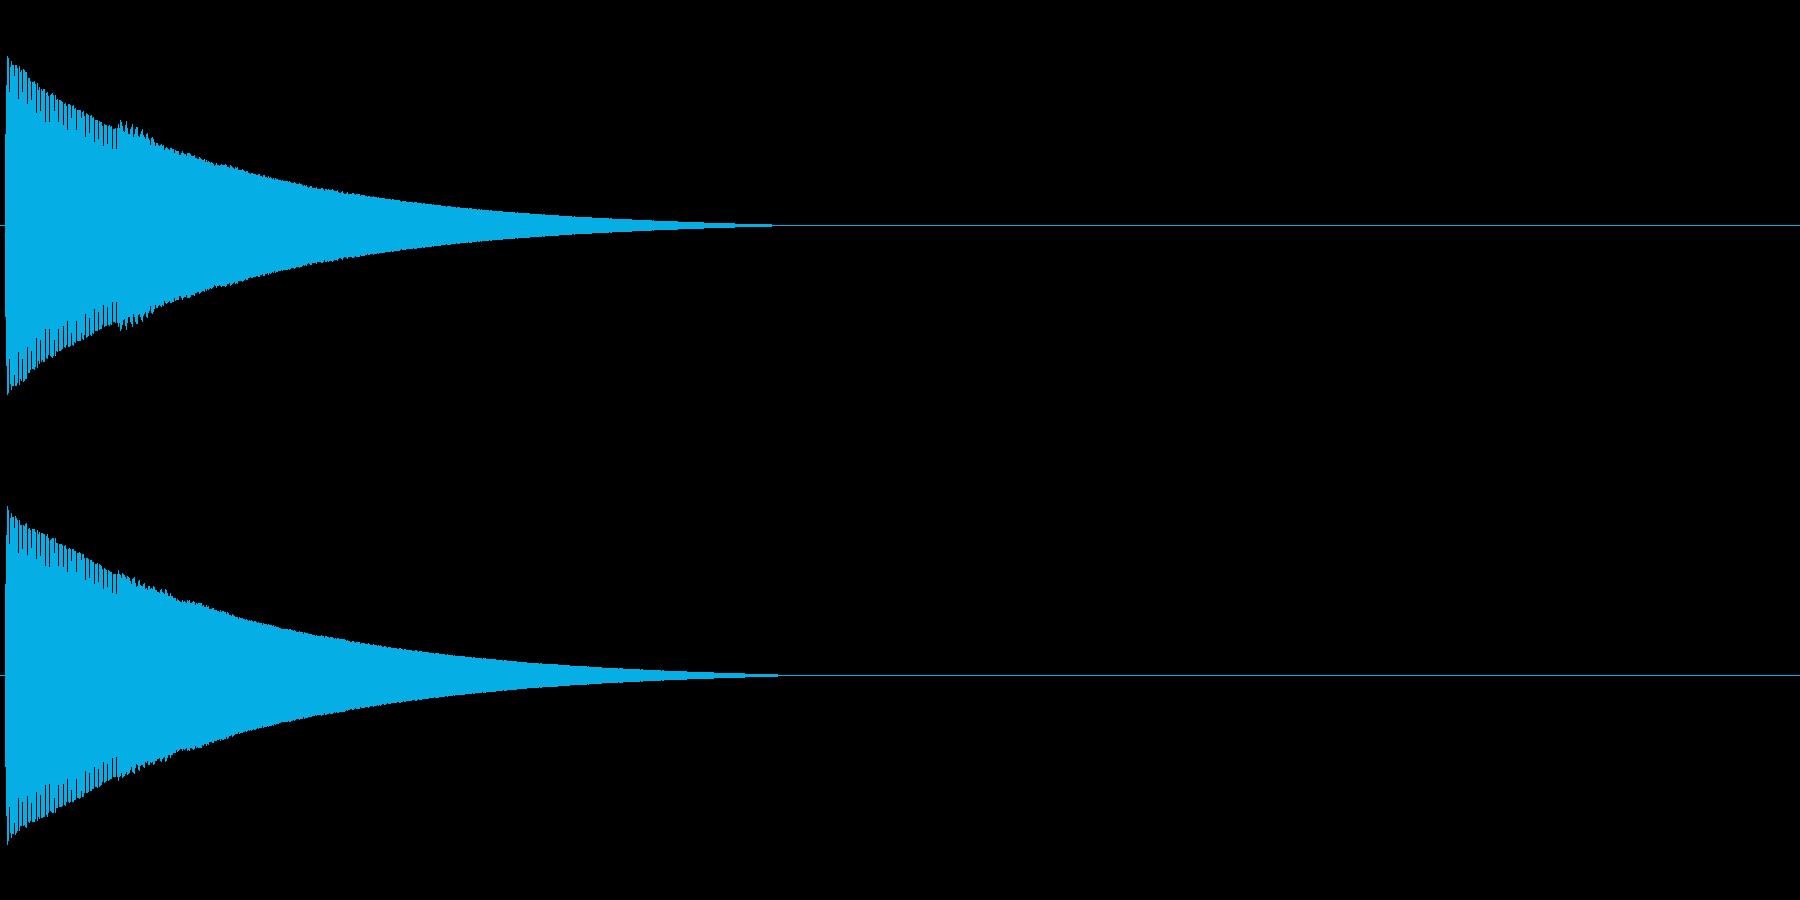 ピローン、ピコーンといった効果音「ファ」の再生済みの波形